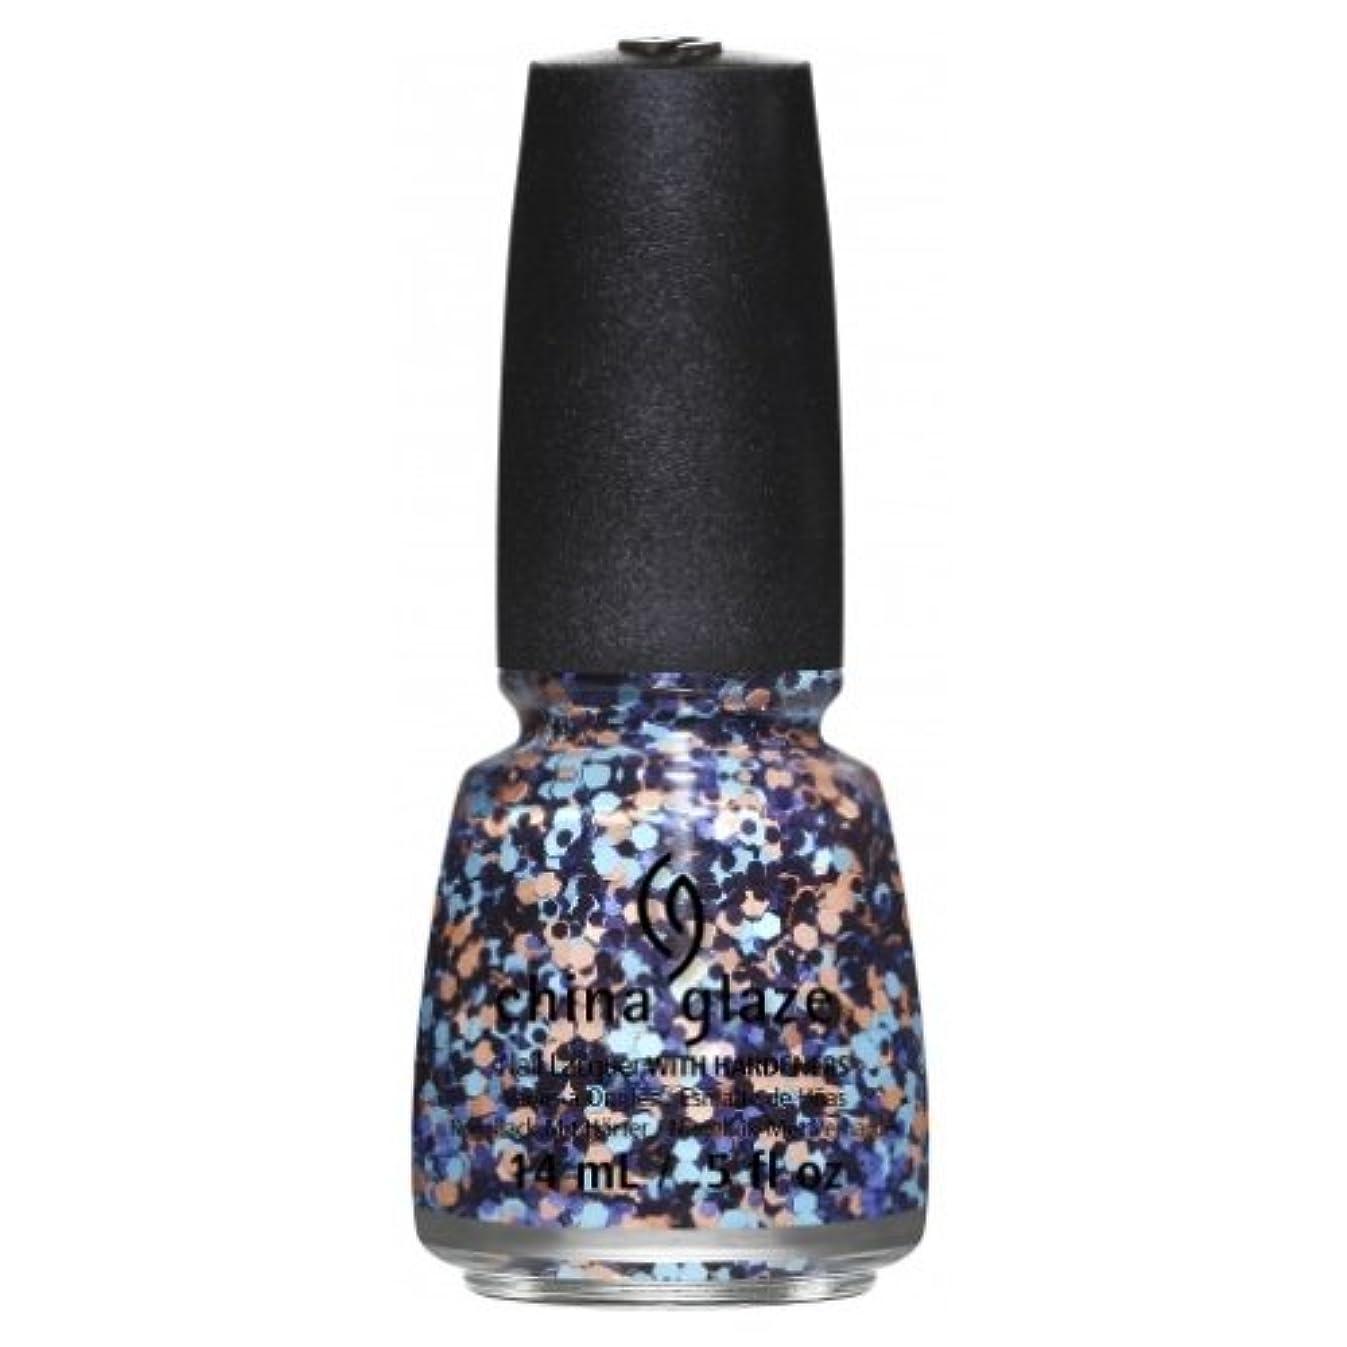 満足できるホイットニーロッジ(6 Pack) CHINA GLAZE Nail Lacquer - Suprise Collection - Glitter Up (並行輸入品)